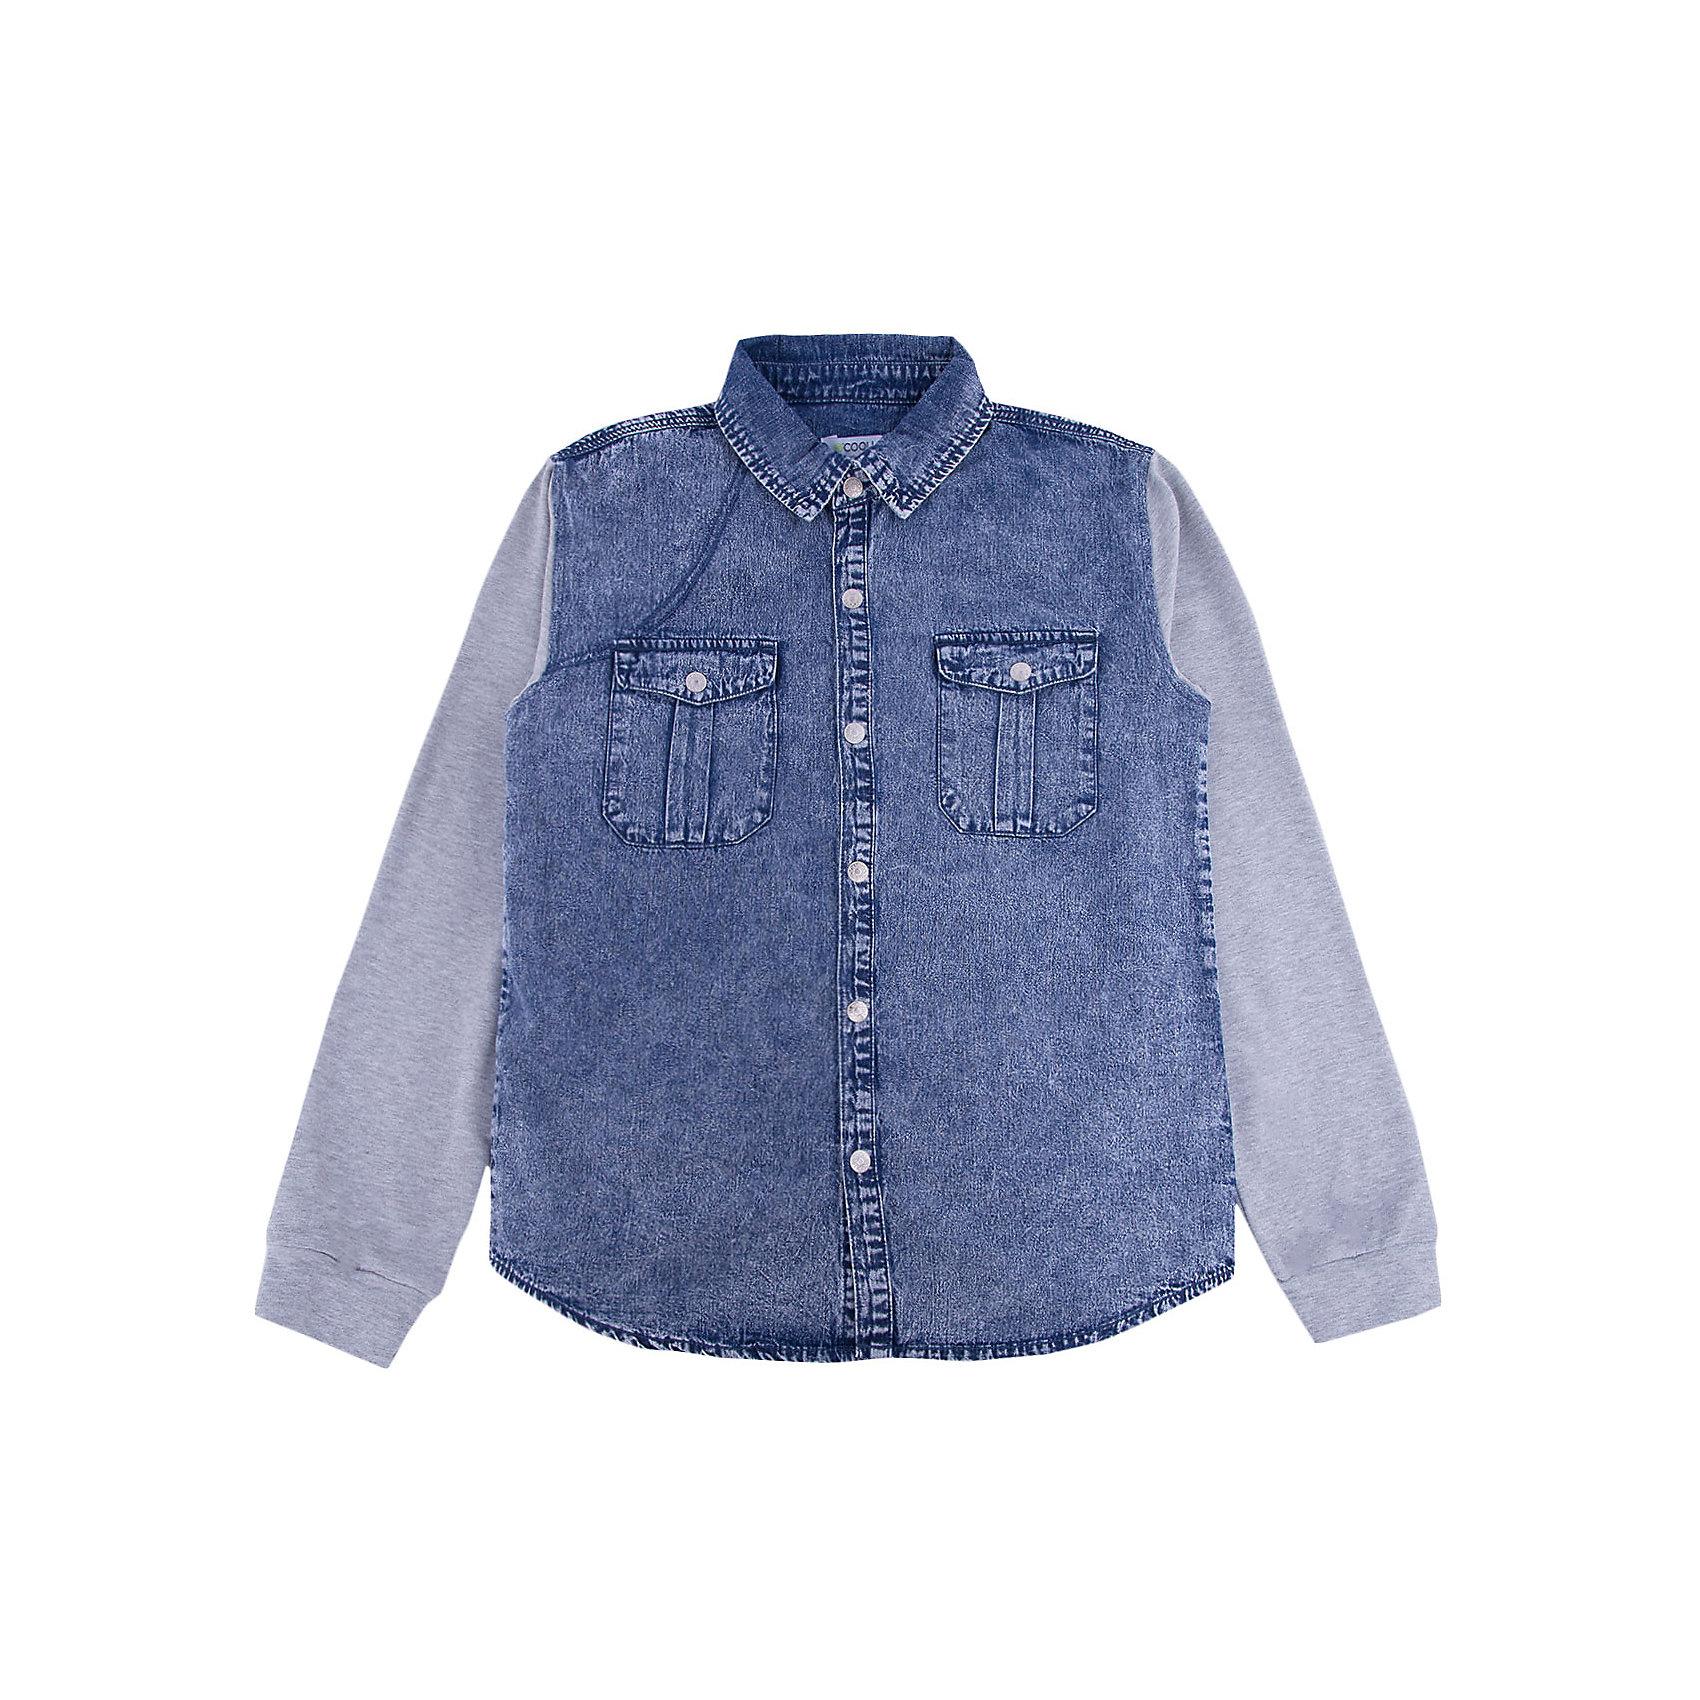 Рубашка джинсовая для мальчика ScoolДжинсовая одежда<br>Характеристики товара:<br><br>• цвет: синий/серый<br>• состав: 80% хлопок, 20% полиэстер<br>• рукава из мягкого трикотажа<br>• отложной воротник<br>• застежка: кнопки<br>• эластичные манжеты<br>• карманы на груди<br>• страна бренда: Германия<br>• страна производства: Китай<br><br>Рубашка с длинным рукавом для мальчика Scool. Эффектная джинсовая рубашка для мальчика будет актуальна в детском гардеробе. Практична и очень удобна для повседневной носки. Ткань  мягкая и приятная на ощупь, не раздражает нежную детскую кожу.<br><br>Сорочку для мальчика от известного бренда Scool можно купить в нашем интернет-магазине.<br><br>Ширина мм: 190<br>Глубина мм: 74<br>Высота мм: 229<br>Вес г: 236<br>Цвет: разноцветный<br>Возраст от месяцев: 156<br>Возраст до месяцев: 168<br>Пол: Мужской<br>Возраст: Детский<br>Размер: 164,134,140,146,152,158<br>SKU: 5406578